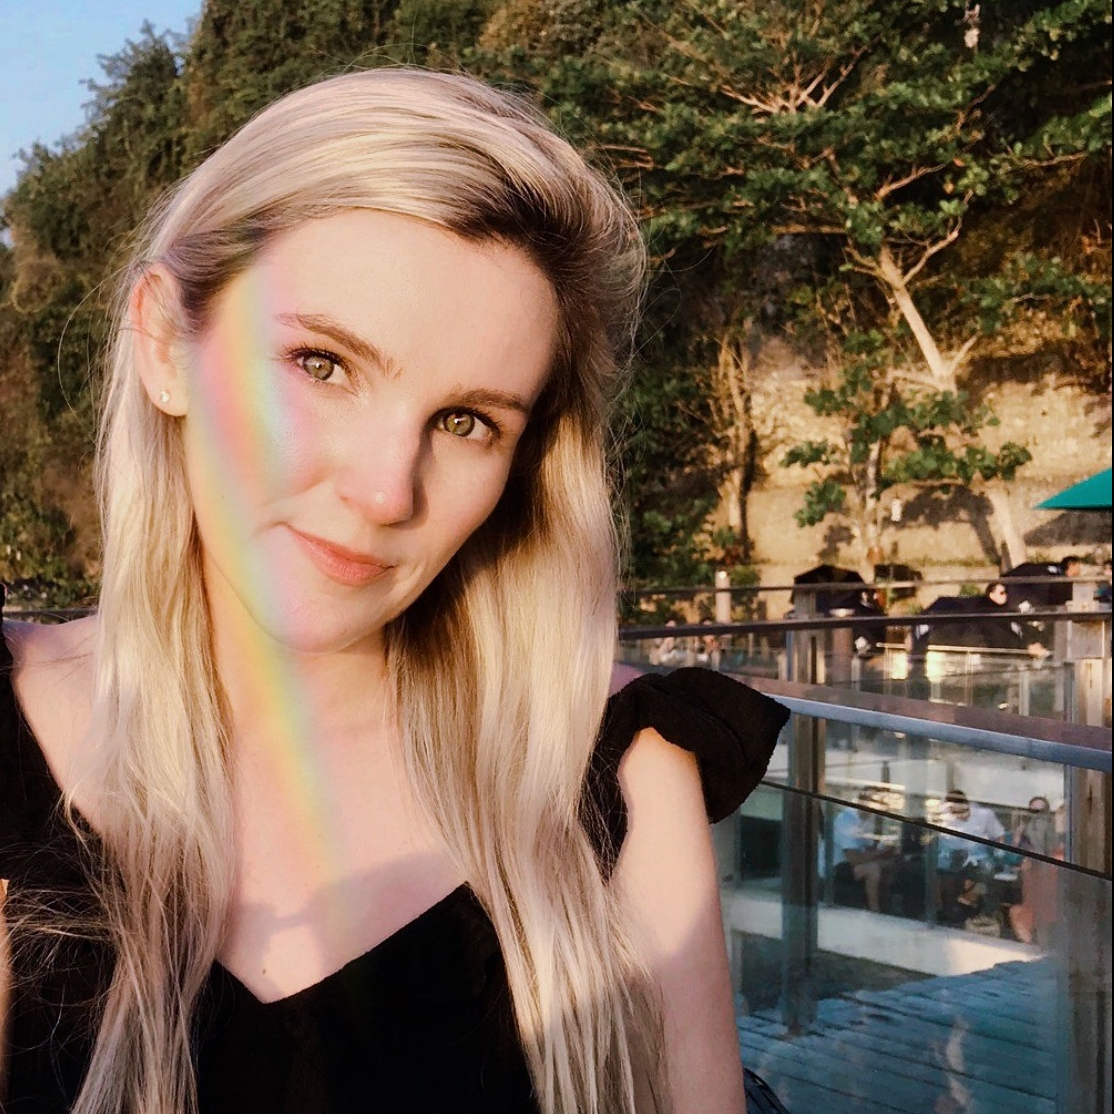 Sarah's User Image